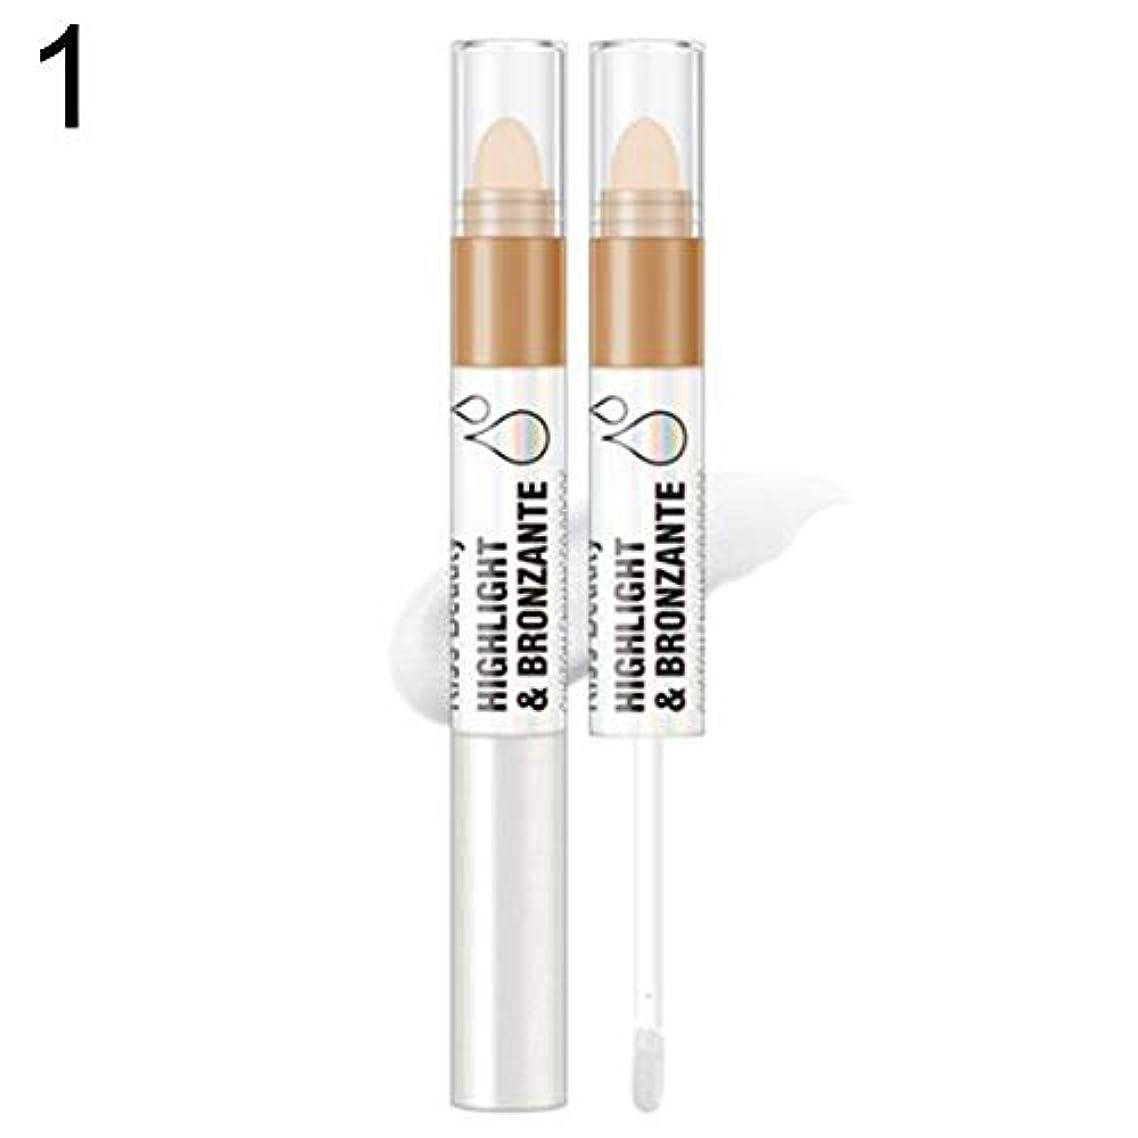 余計な池伝染病Kissbeauty液体蛍光ペンフェイスグロープライマーオイルコントロールコンターブライトナー - 1